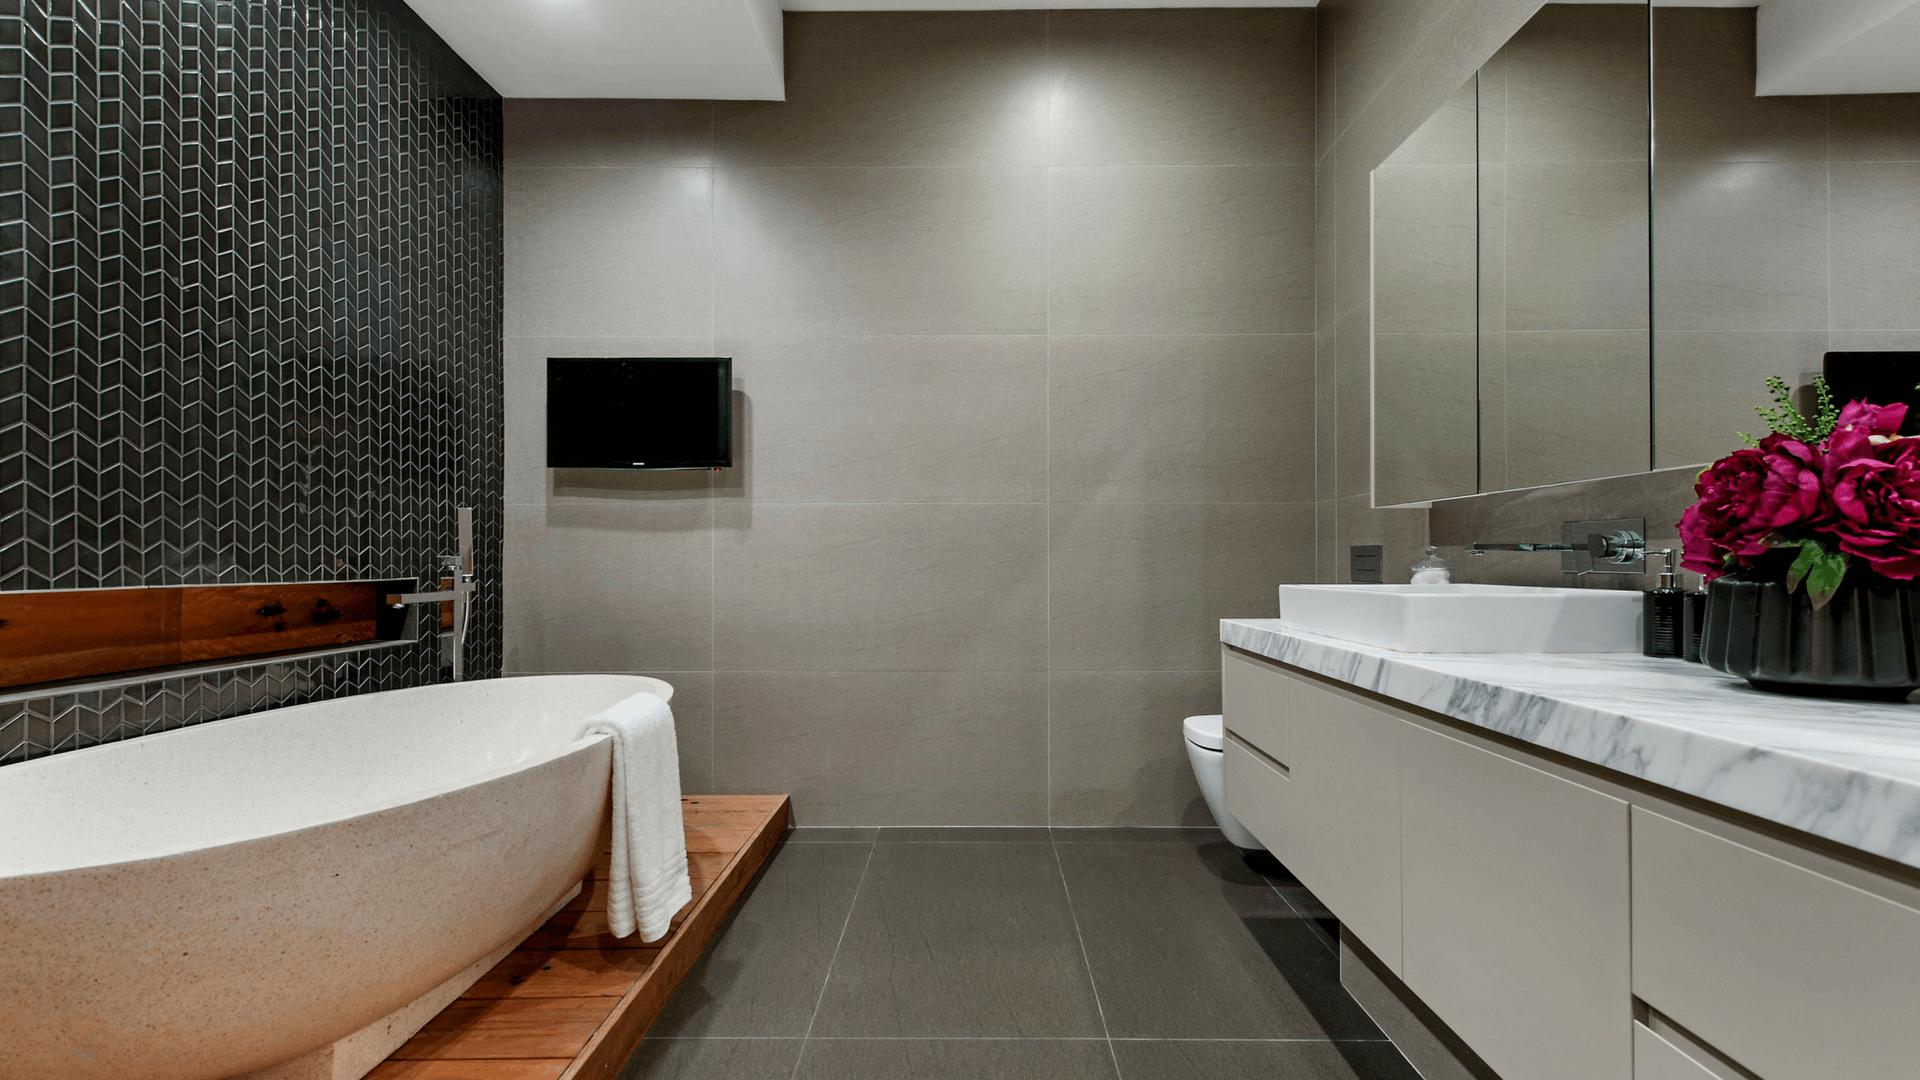 Wunderbar Glam Schöne Badezimmer Moderne Kleine Badezimmer Design #Badezimmer